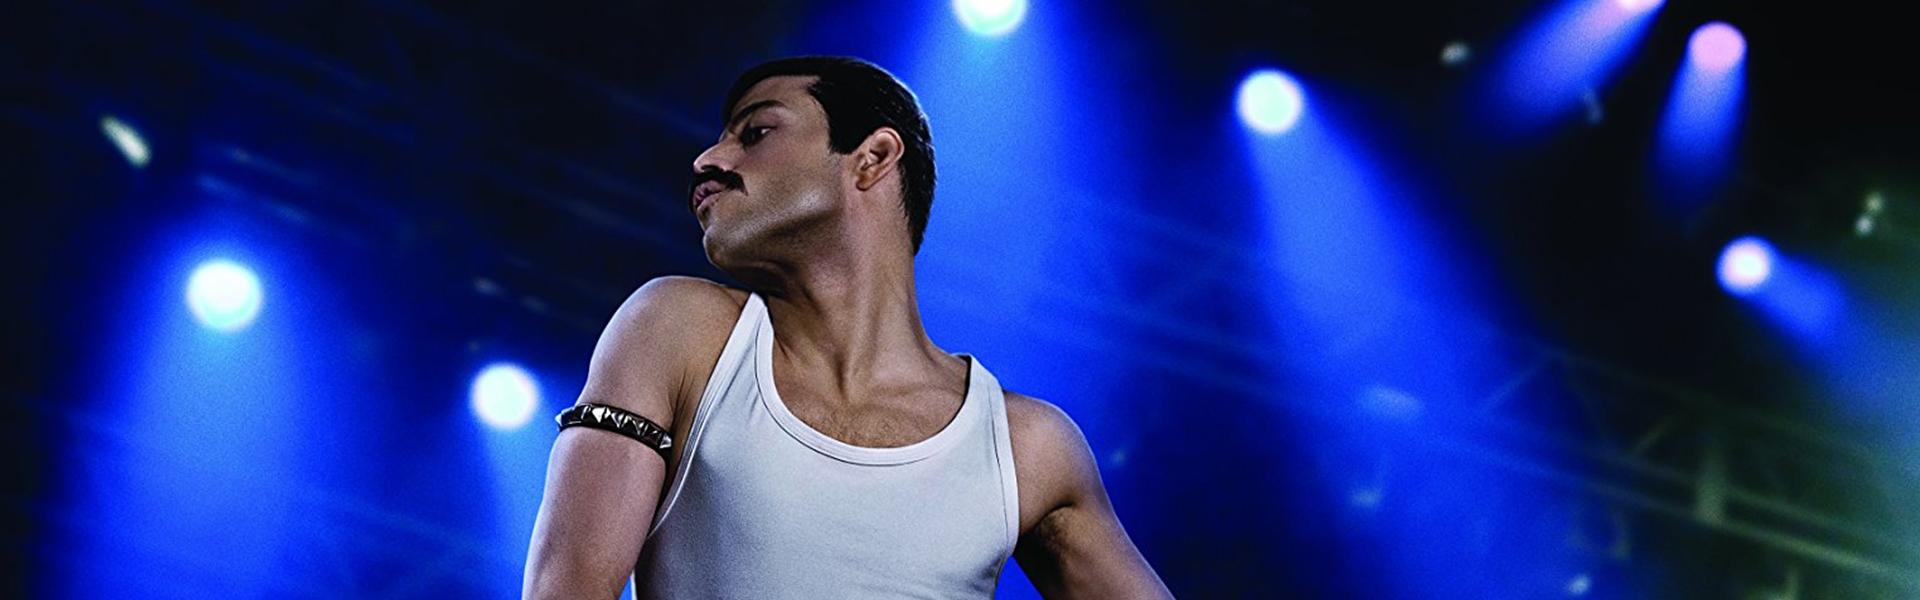 Bohemian Rhapsody <span>(napisy)</span>